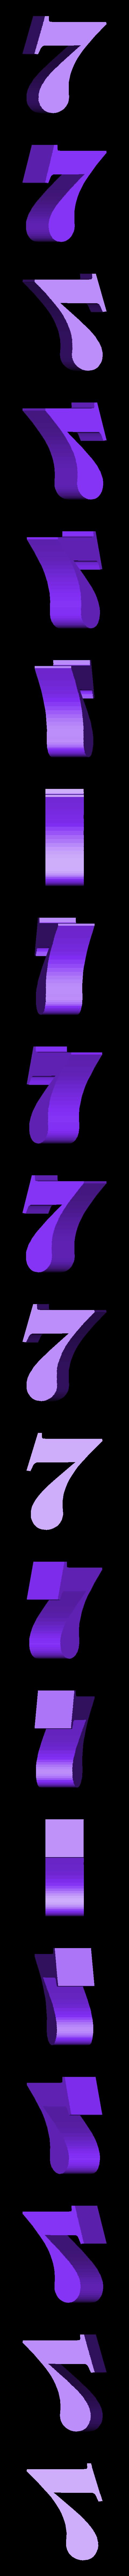 Number_7.stl Télécharger fichier STL gratuit Сlock sur le mur • Plan pour imprimante 3D, gaevskiiy